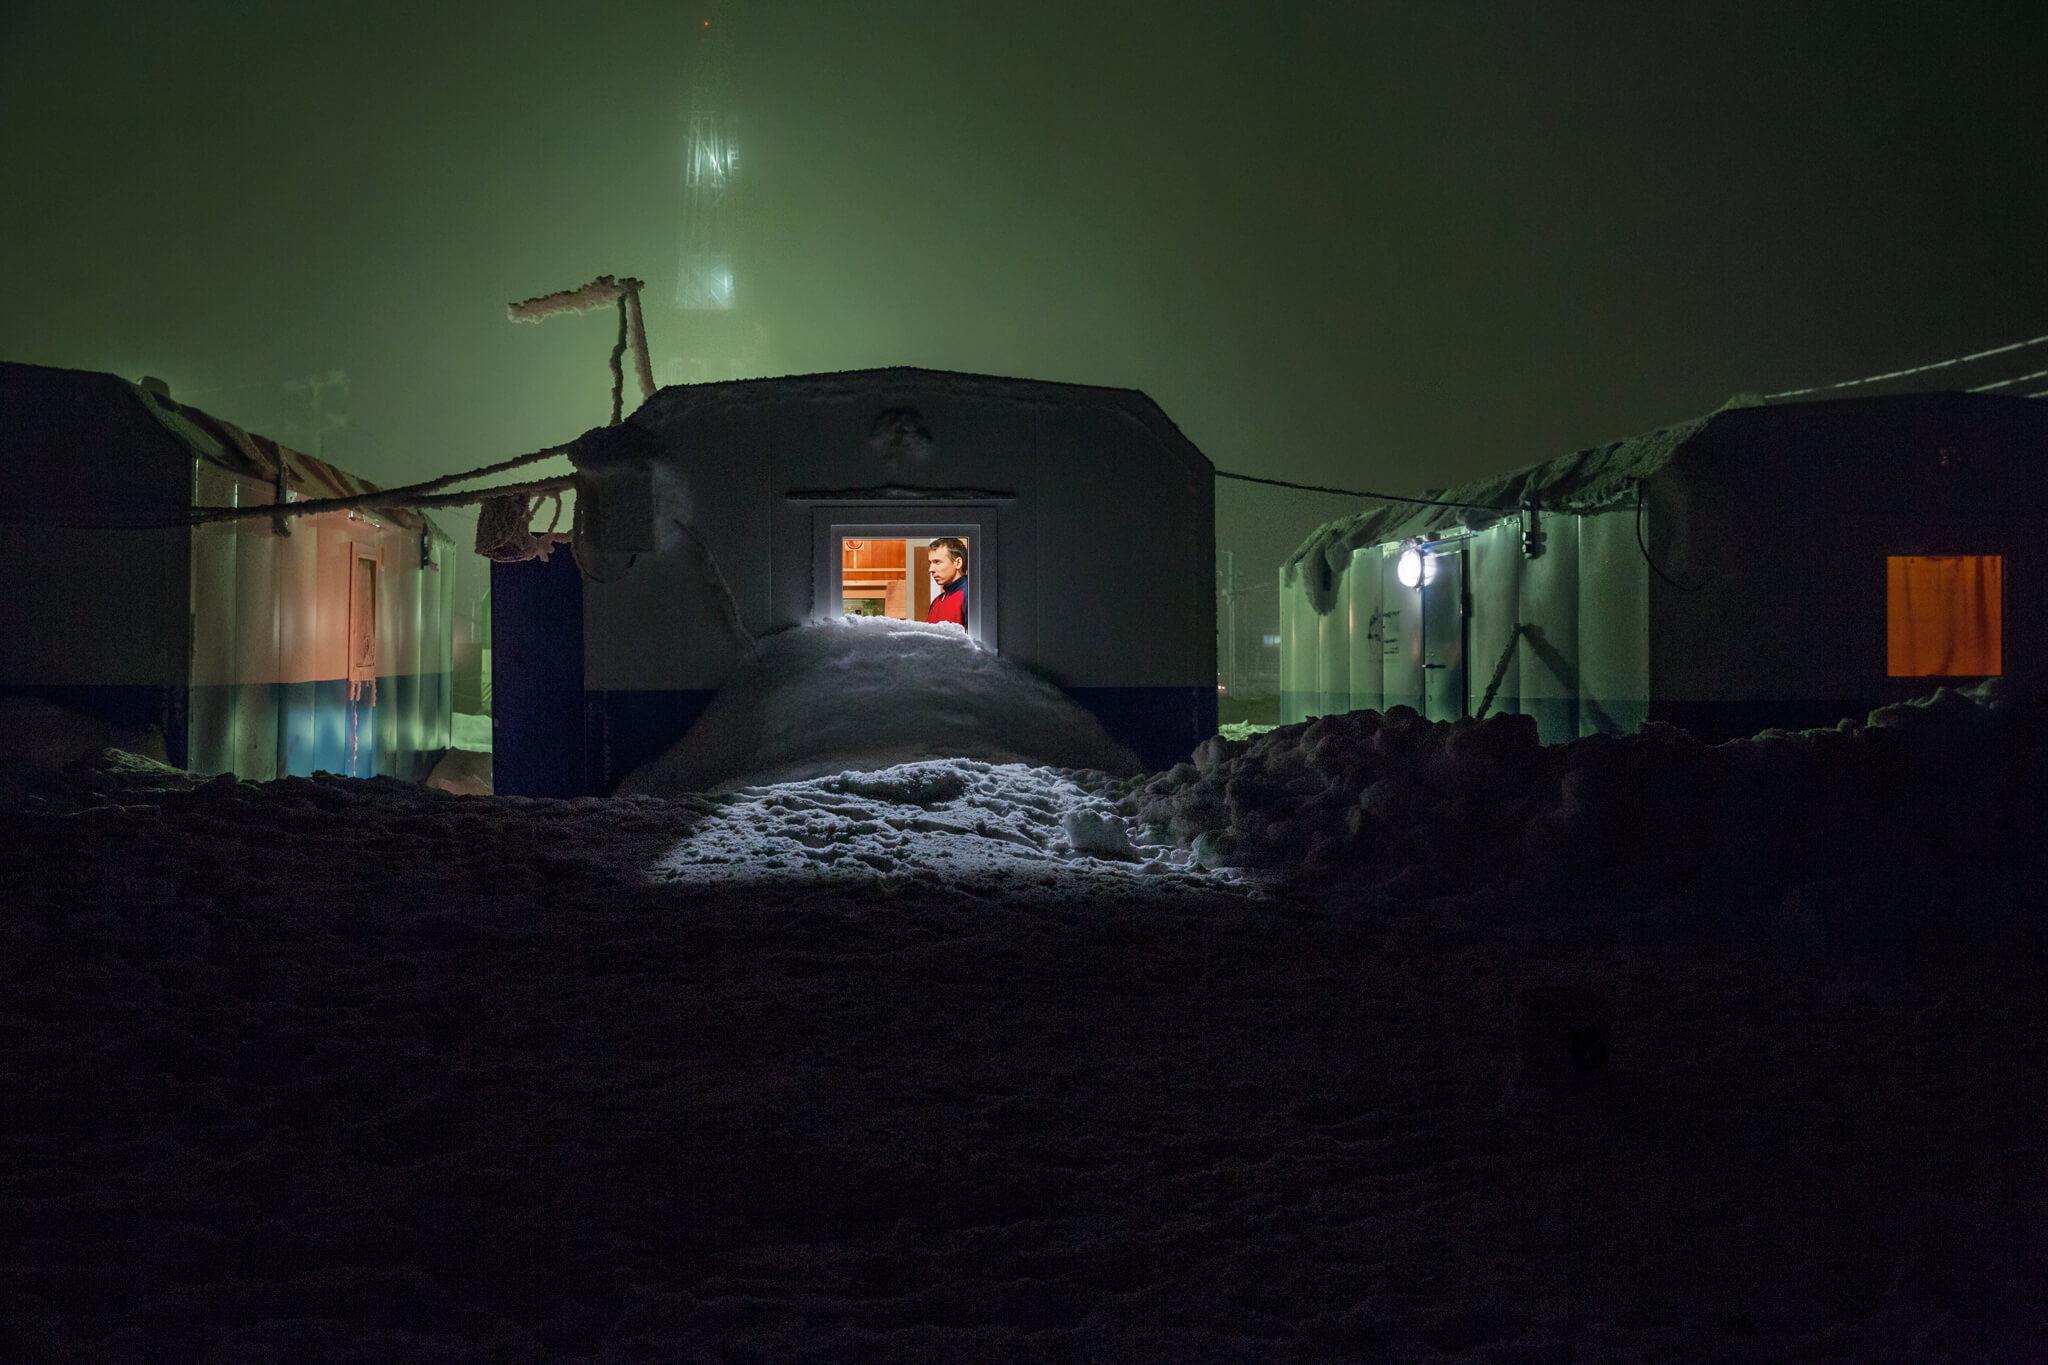 博瓦年科沃鑽井隊的一名成員在他和其他至多三名男性共用的拖車裡休息。鑽井工人大多是國營的俄羅斯天然氣工業公司的契約工。他們在室外溫度可低於攝氏零下45度的冬天也會持續工作。Photograph by Evgenia Arbugaeva